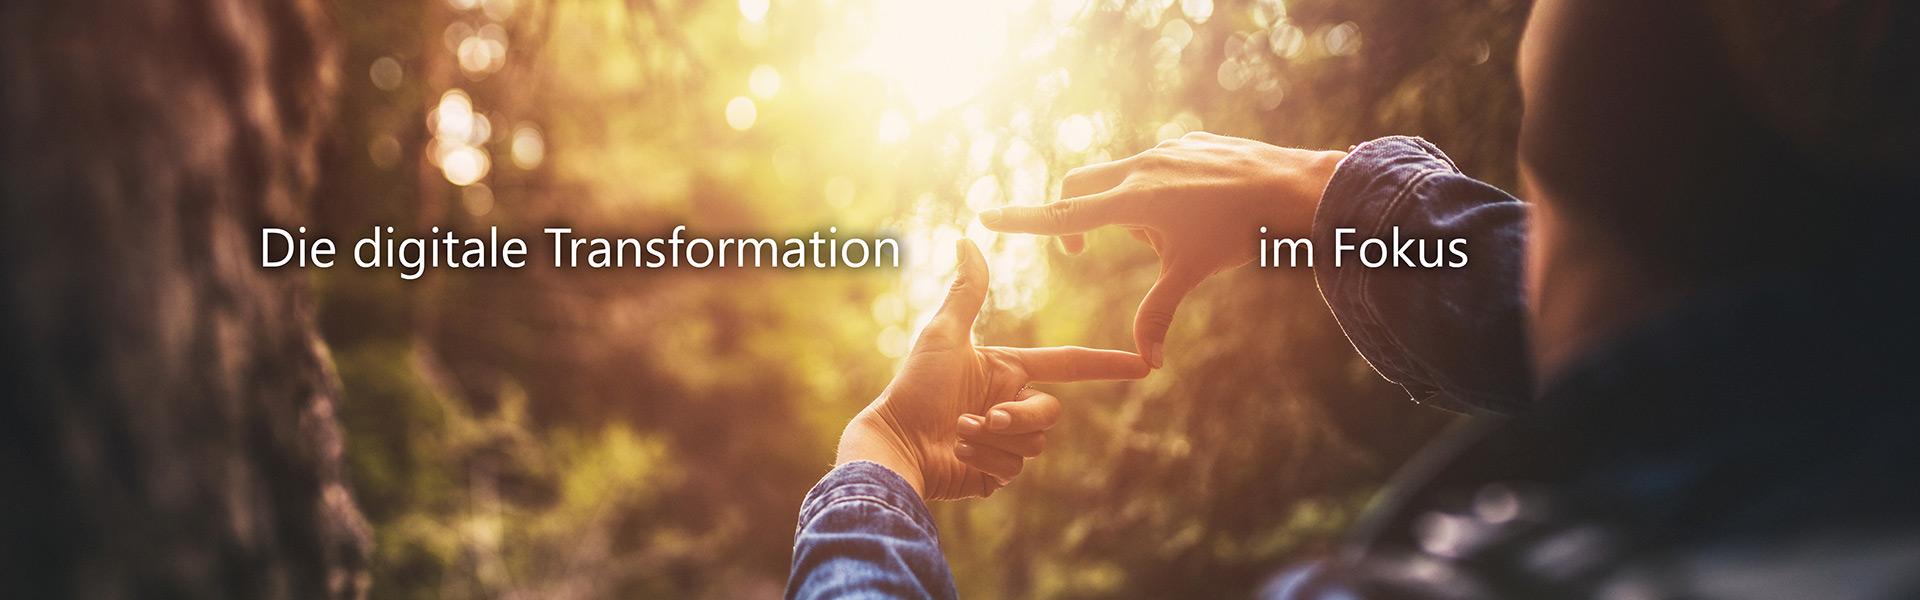 Die digitale Transformation im Fokus